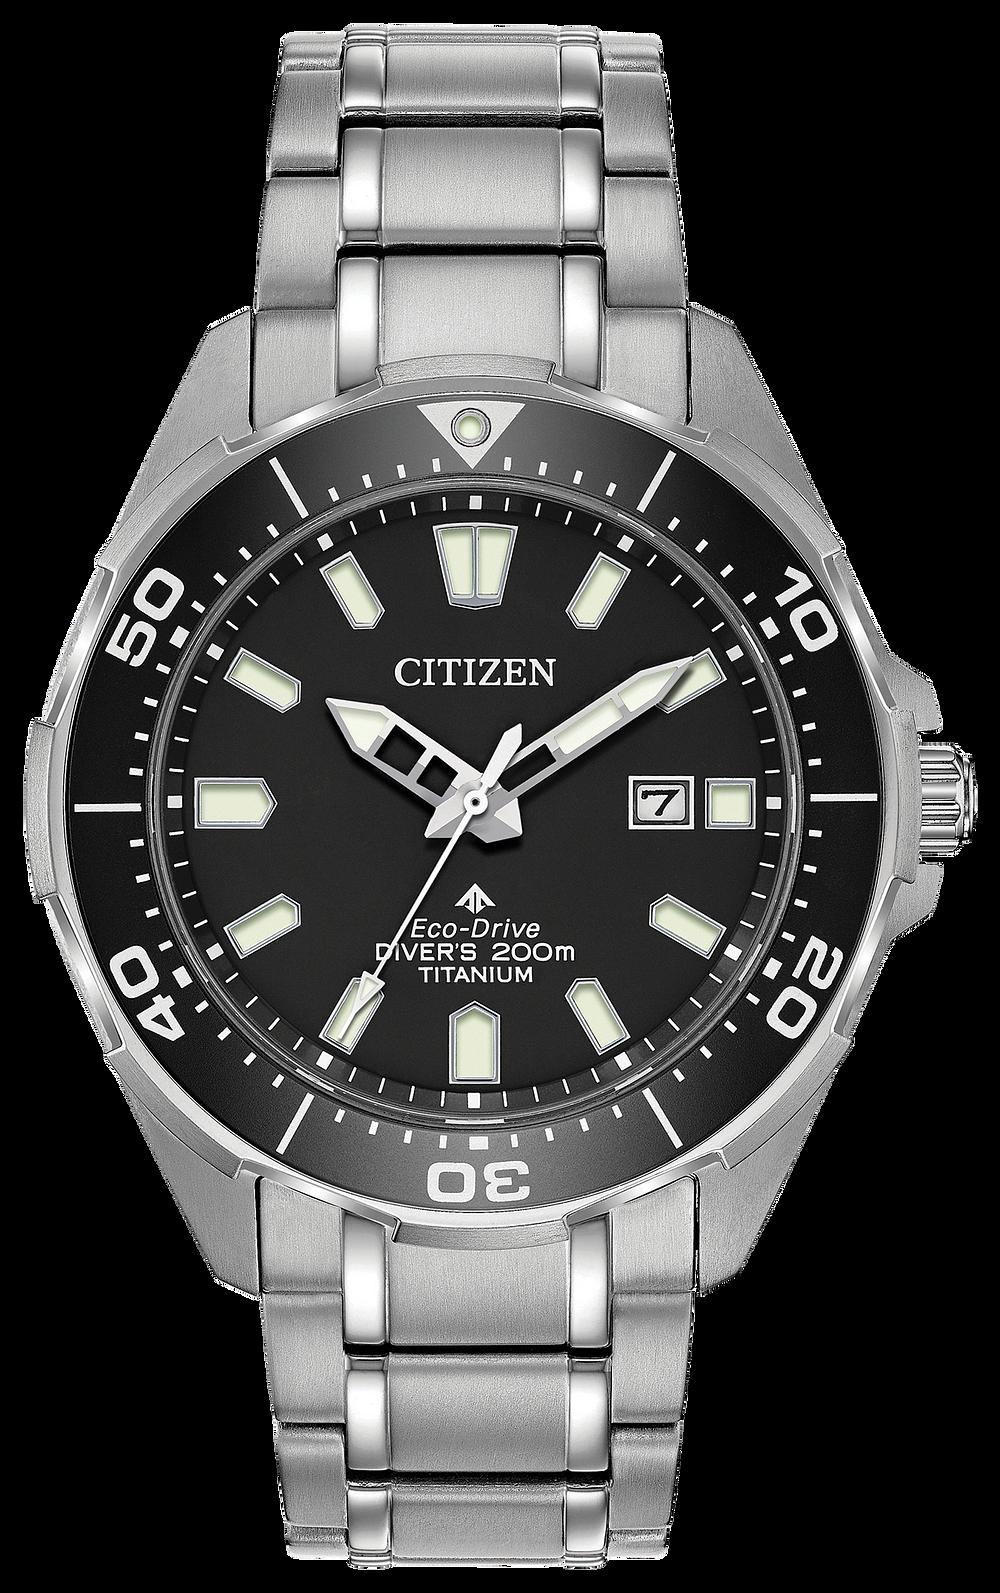 e84ac318f7f Promaster Diver - Men s Eco-Drive BN0200-56E Steel Watch